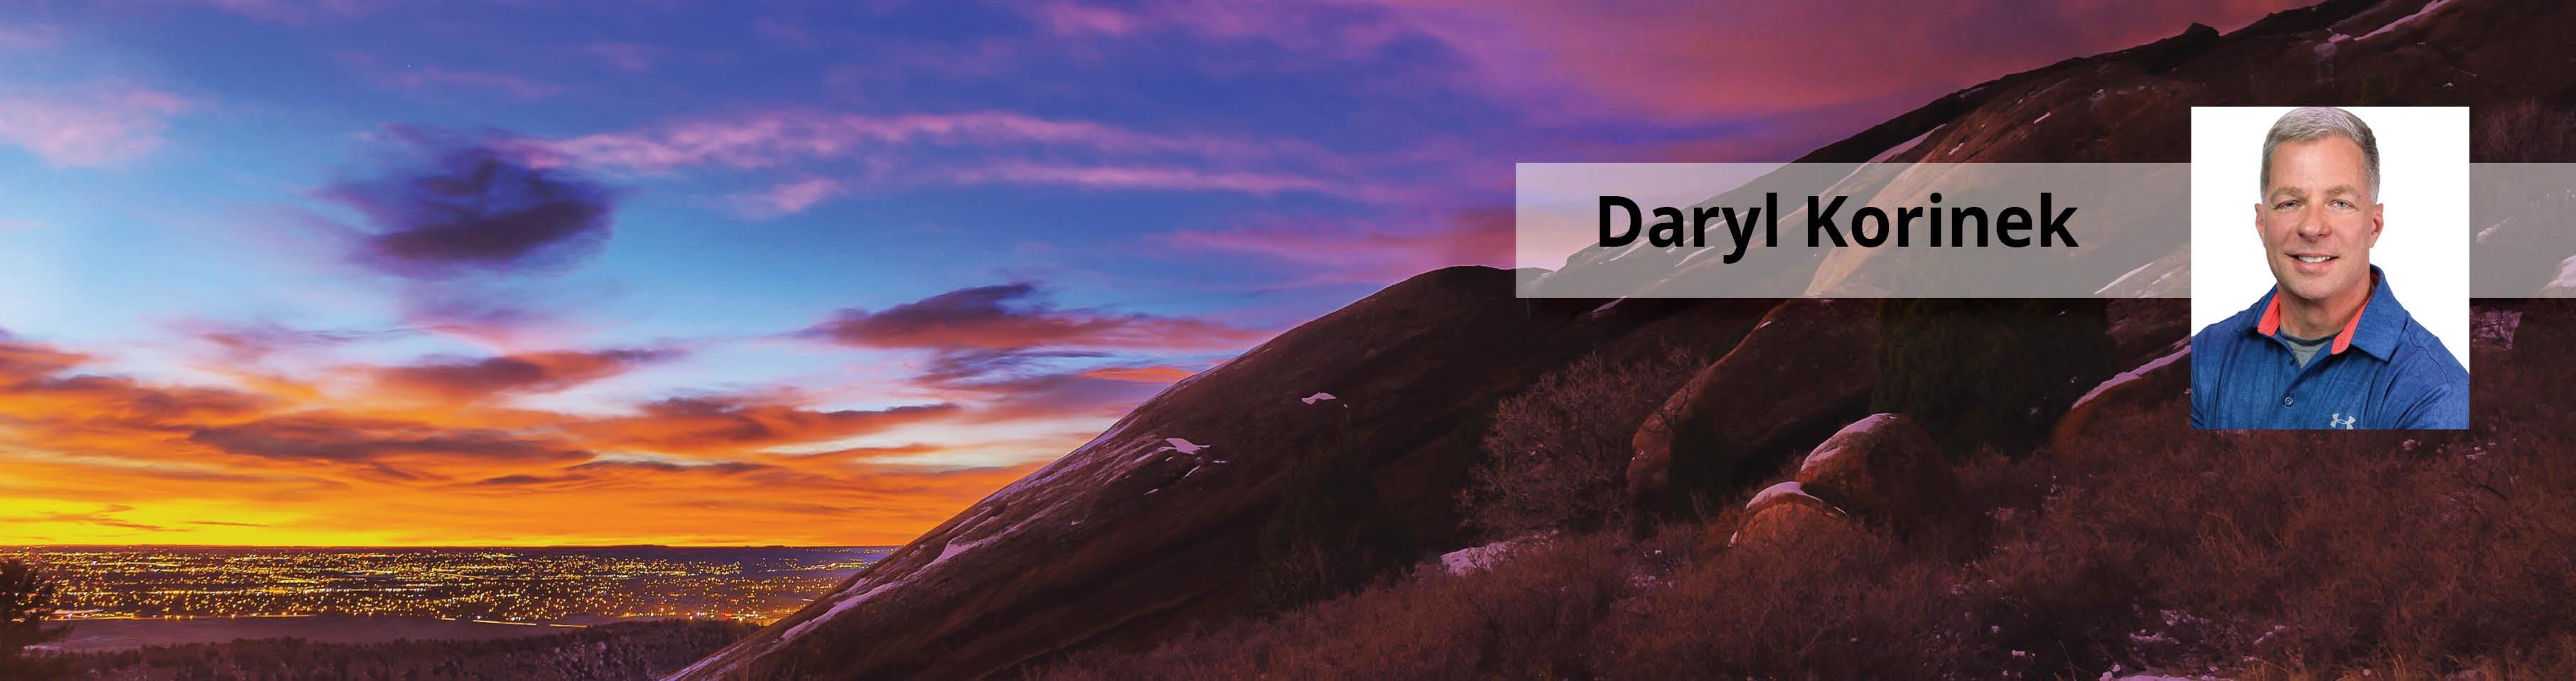 Daryl Korinek Photo Banner